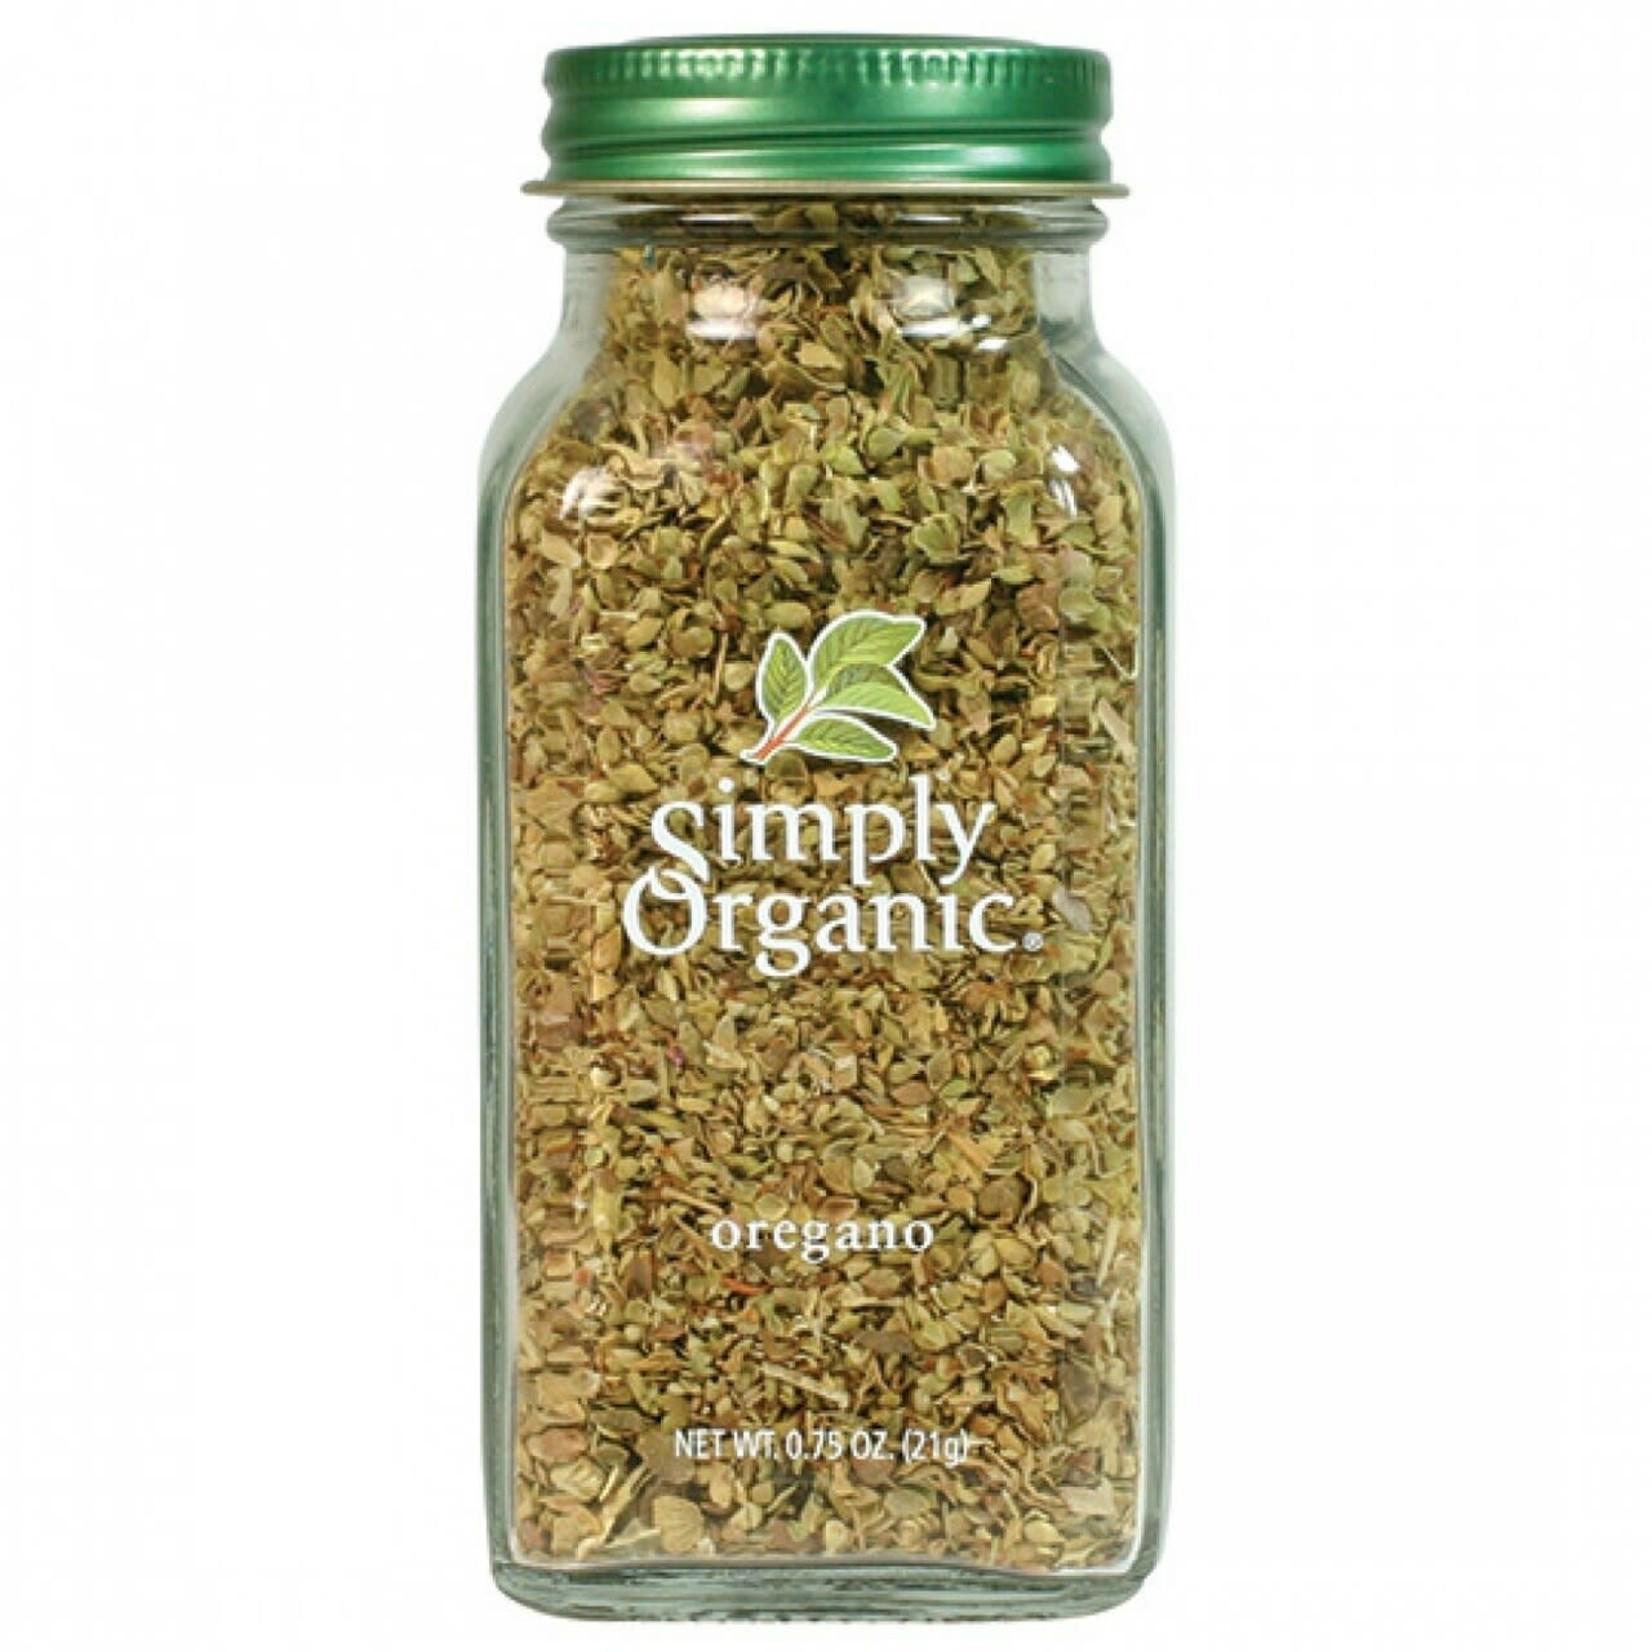 Simply Organic Simply Organic Oregano 21g